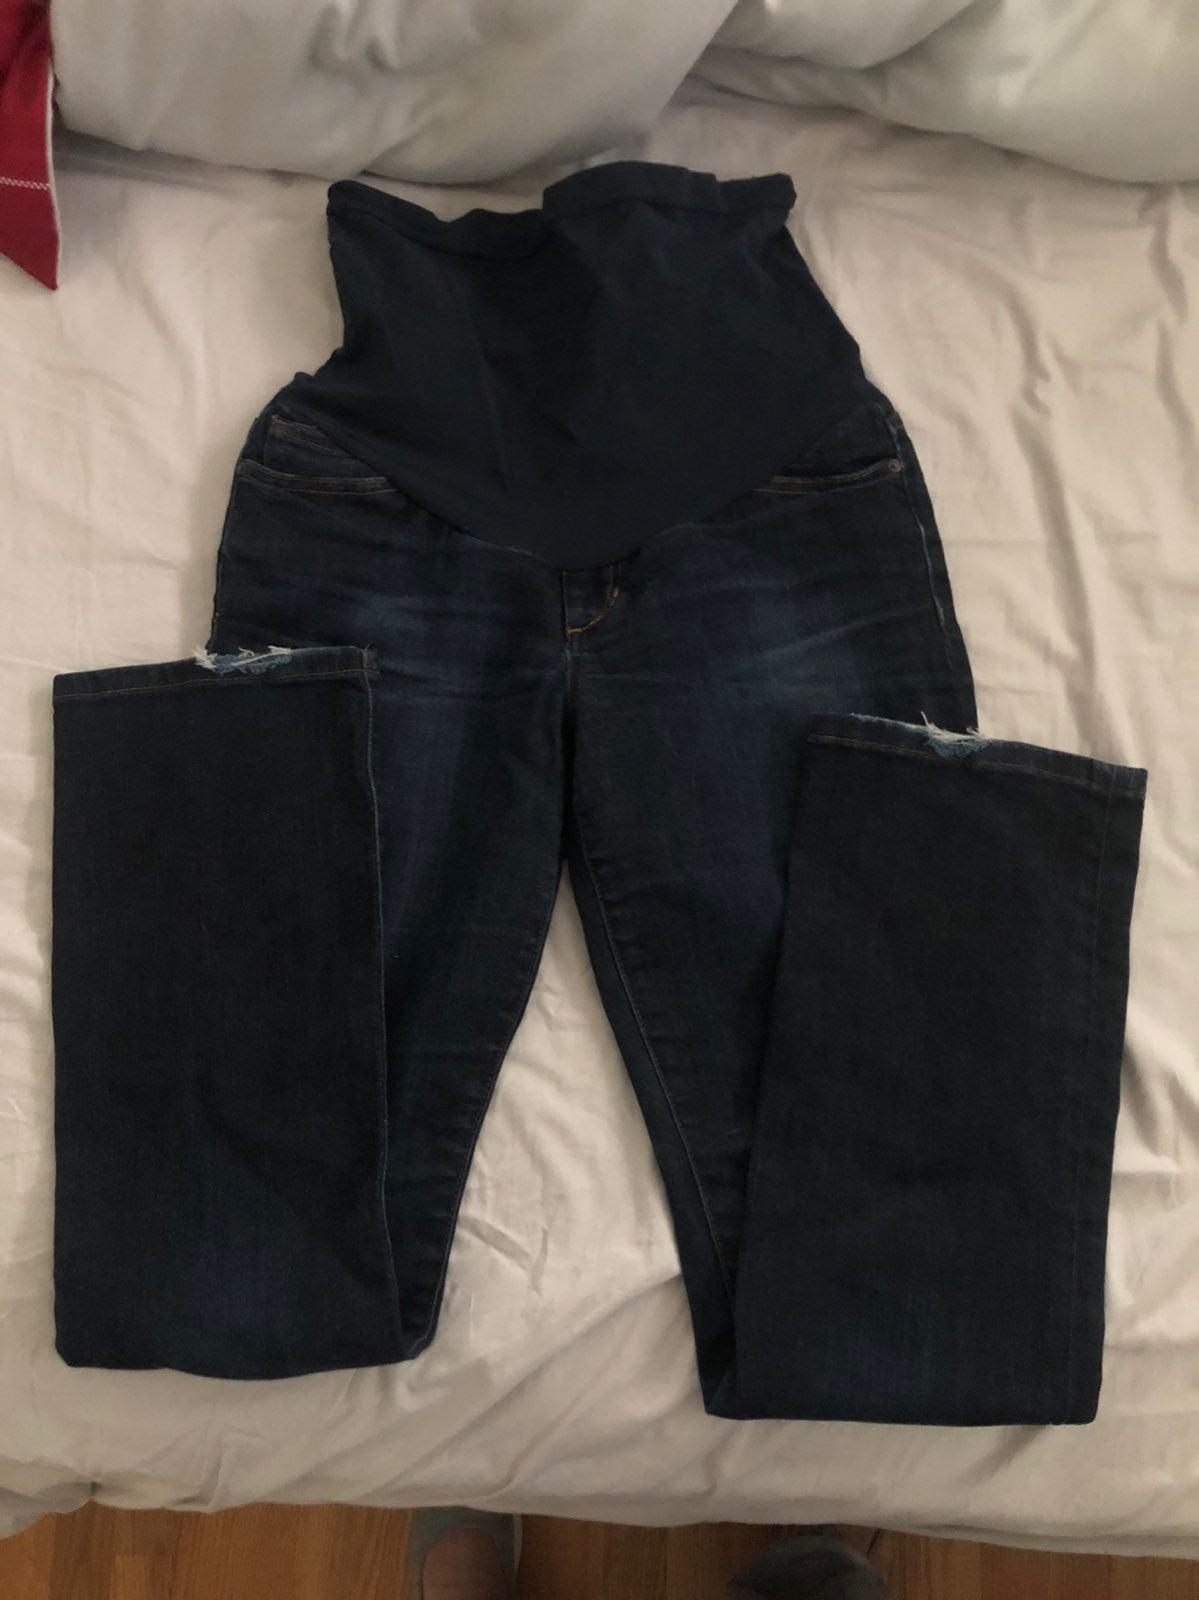 Paige Maternity Jeans blue 29